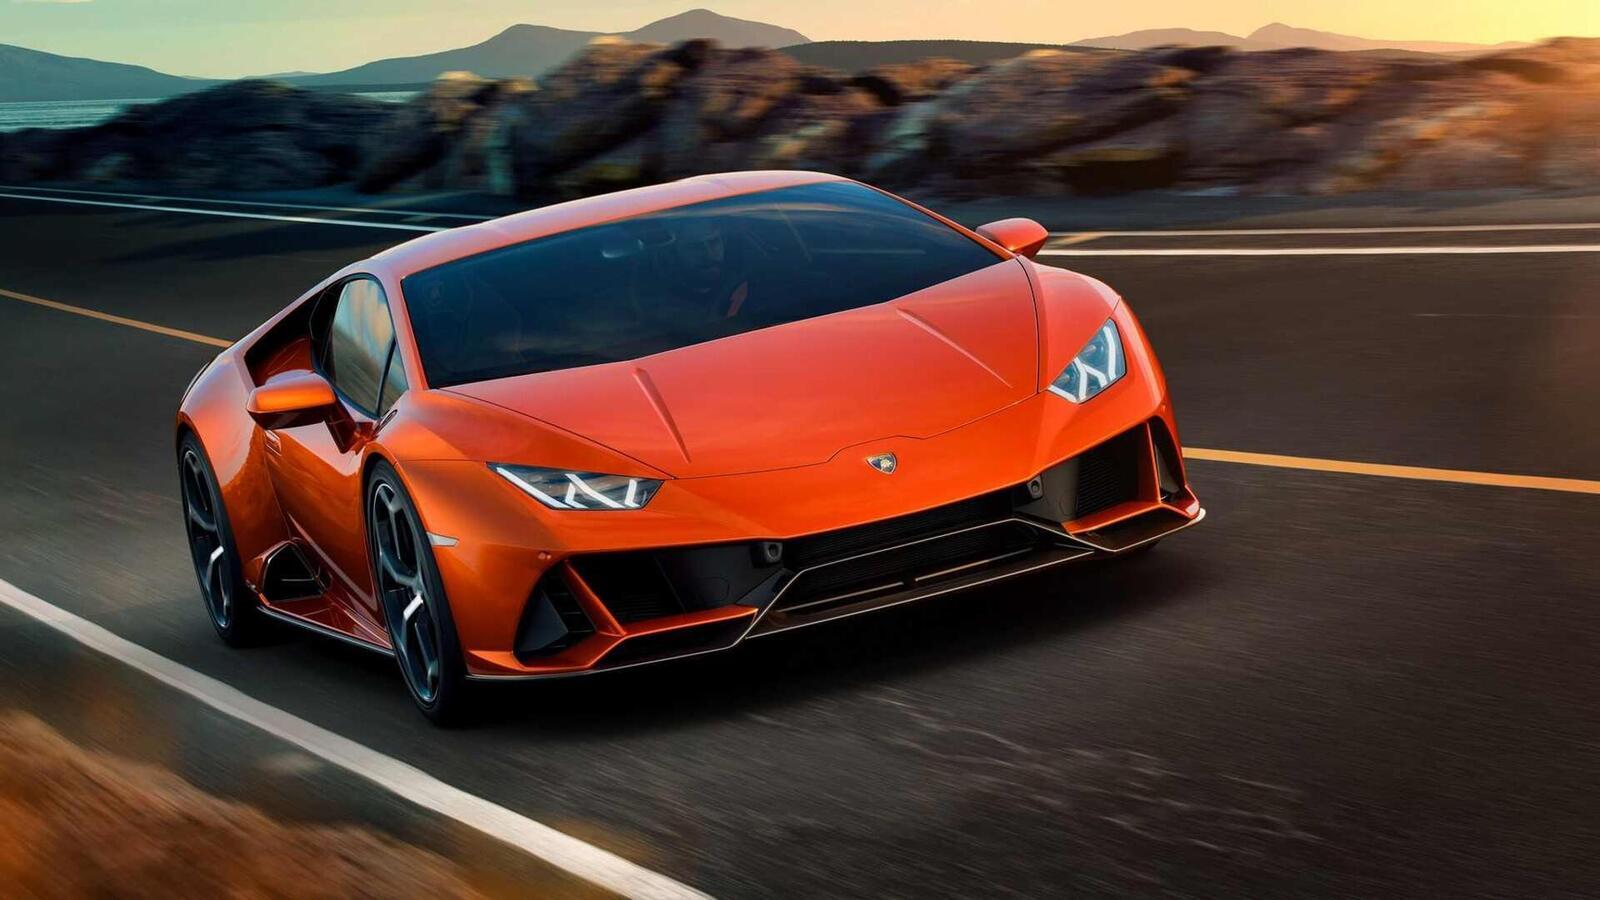 Lamborghini giới thiệu Huracan EVO mới với sức mạnh 640 mã lực - Hình 2